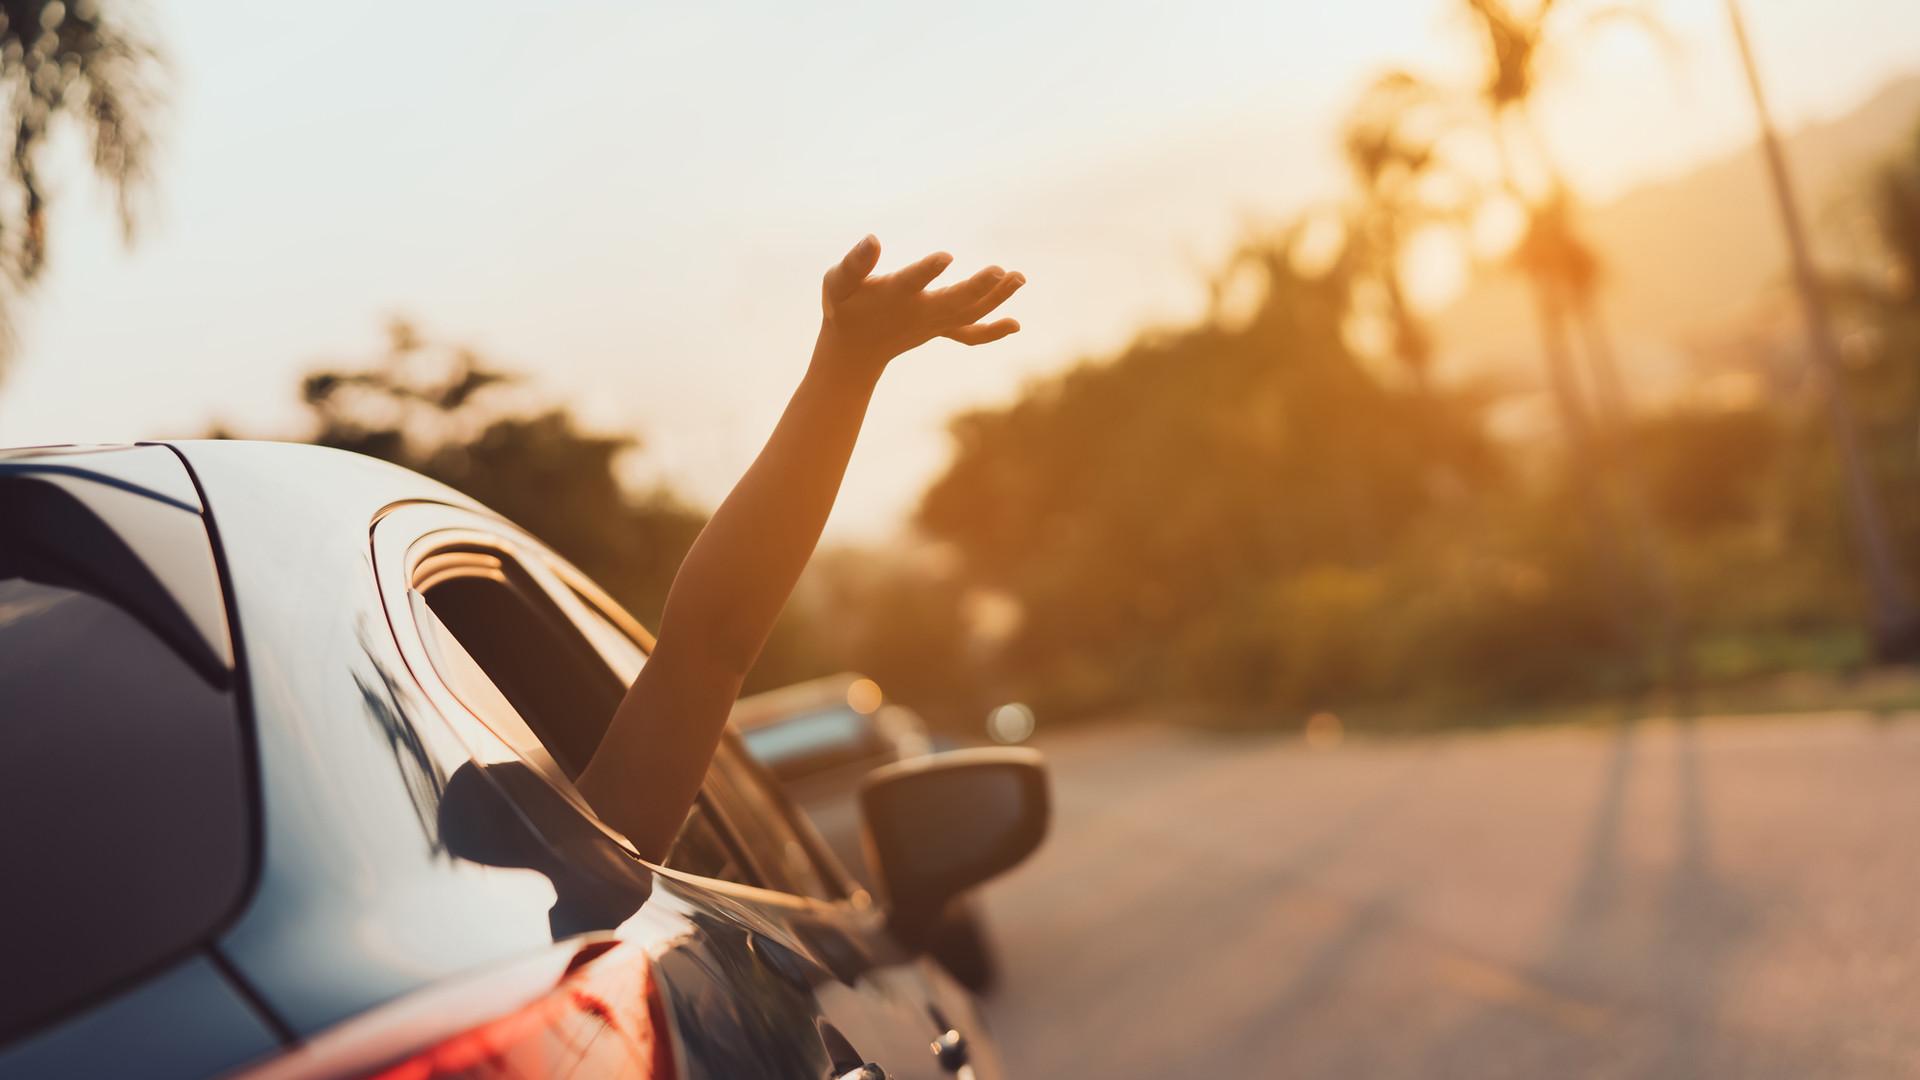 Voiture avec Chauffeur transferts aeroport gare, Luxe Prestige Avignon / Avignon TGV, Carpentras, Chateauneuf du Pape,Crillon le Brave, Bedoin / Mont Ventoux, Gordes, Beaumes de Venise, Vacqueyras, Gigondas, Vaison la Romaine, Mont Ventoux.png